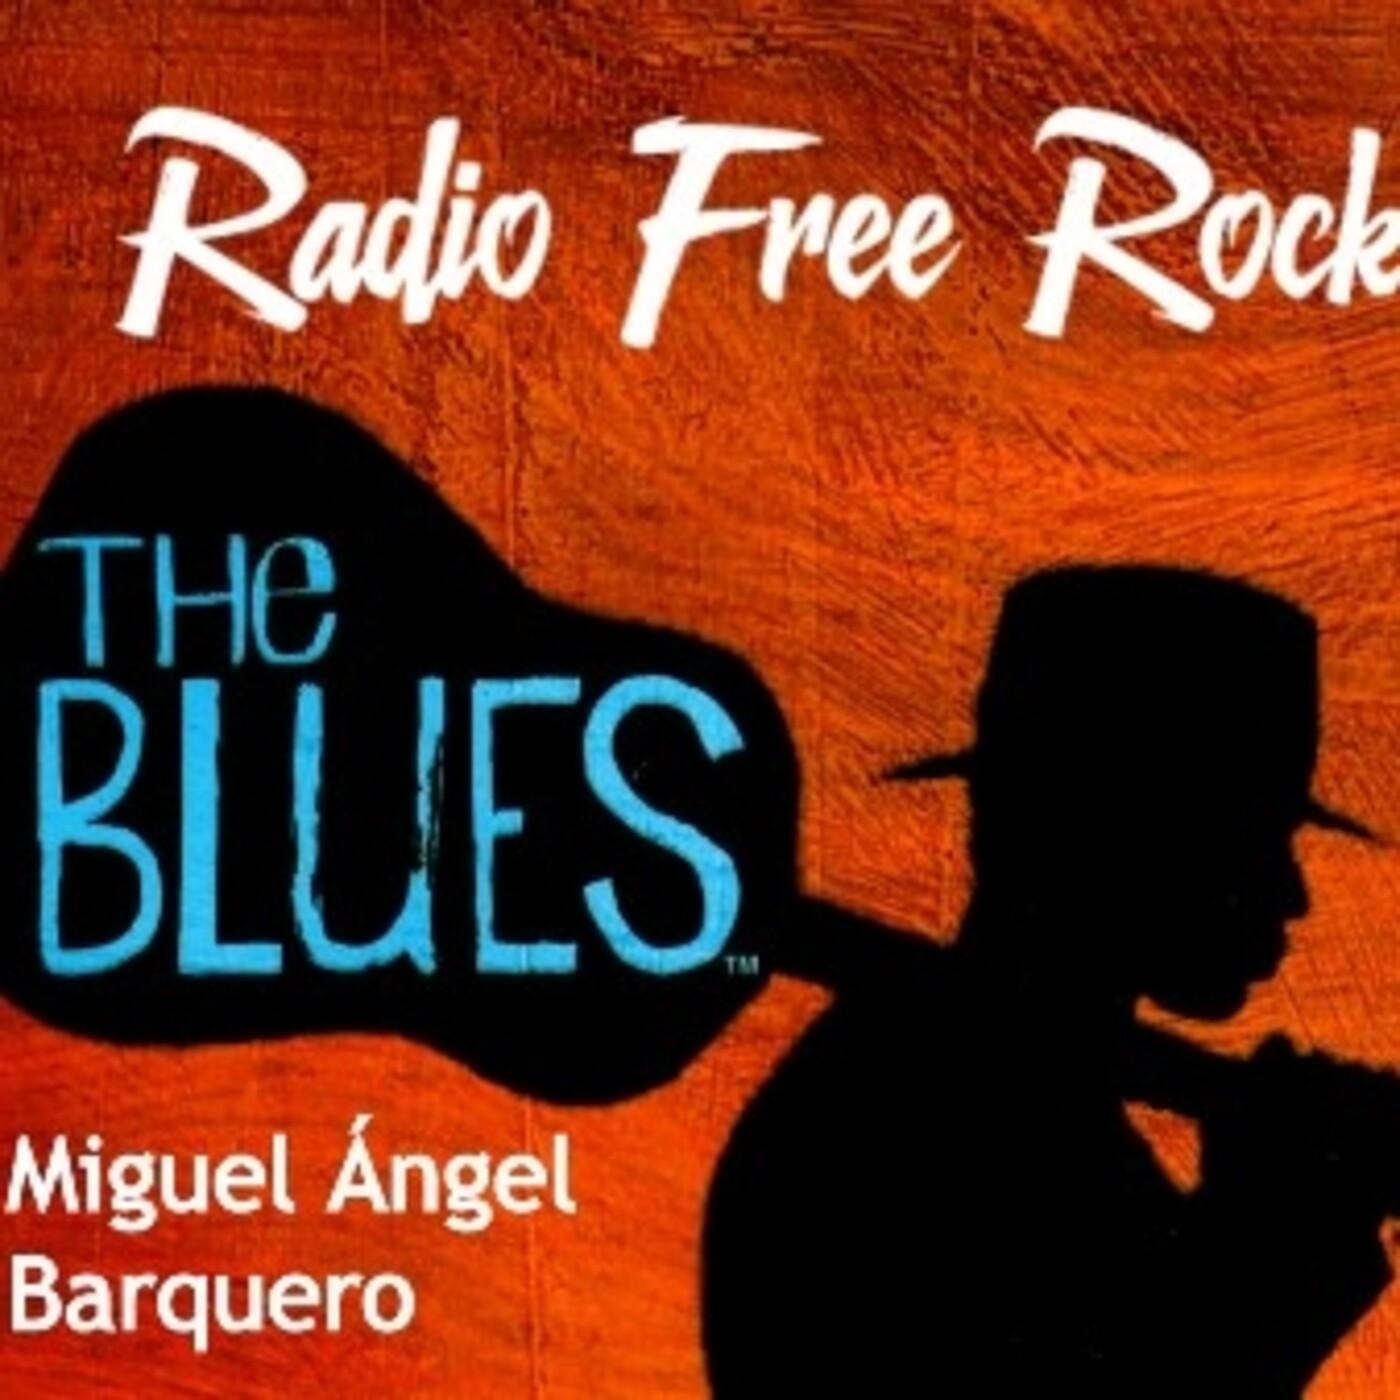 Radio Free Rock: Especial Blues